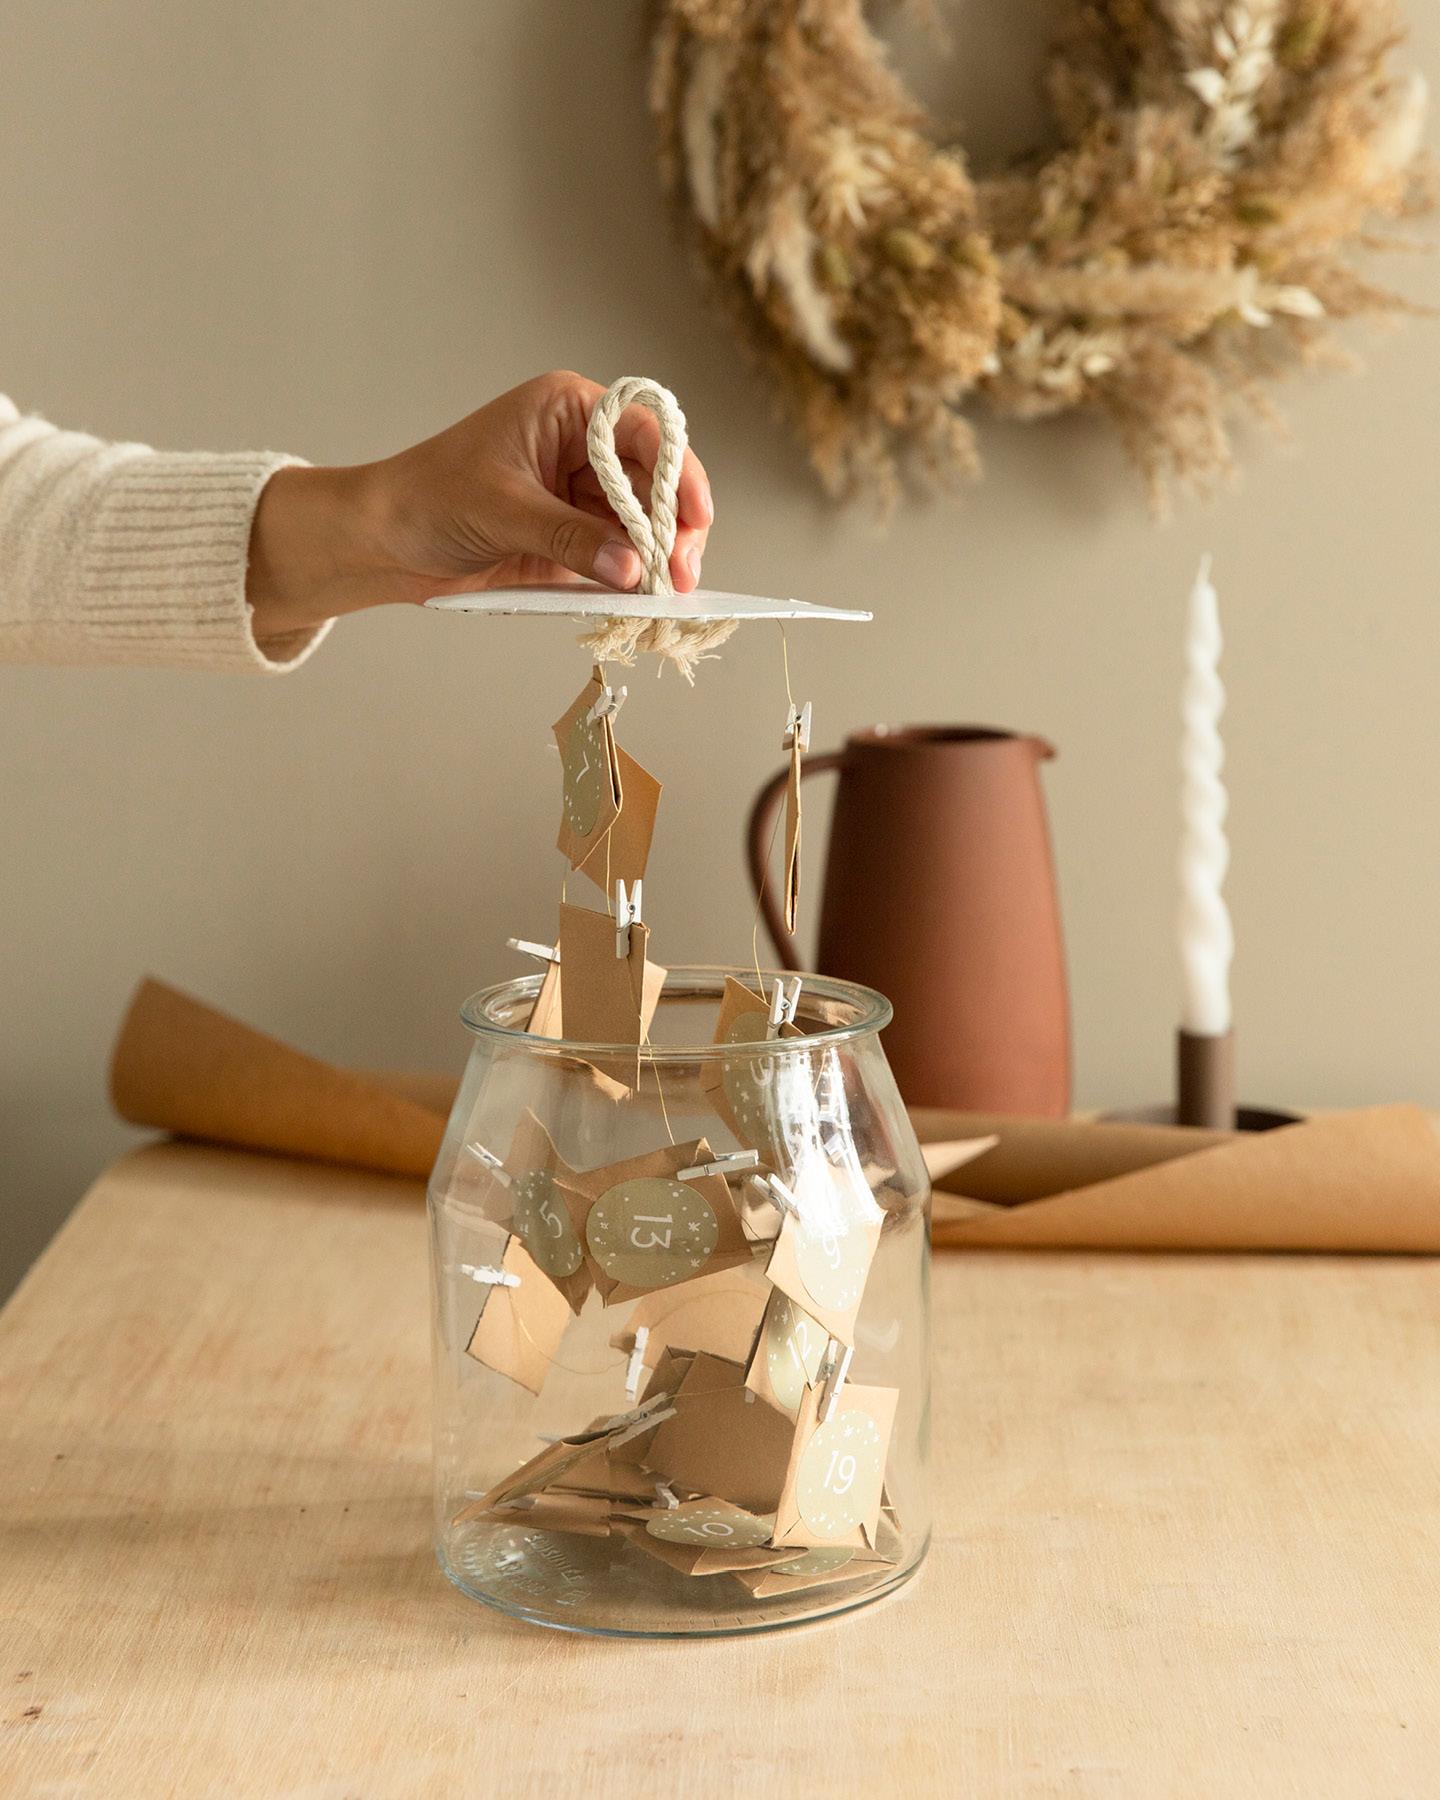 Frau hält Deckel aus Pappe an einer Schlaufe fest, an dem kleine Gutscheine aus Papier befestigt sind als Adventskalender.